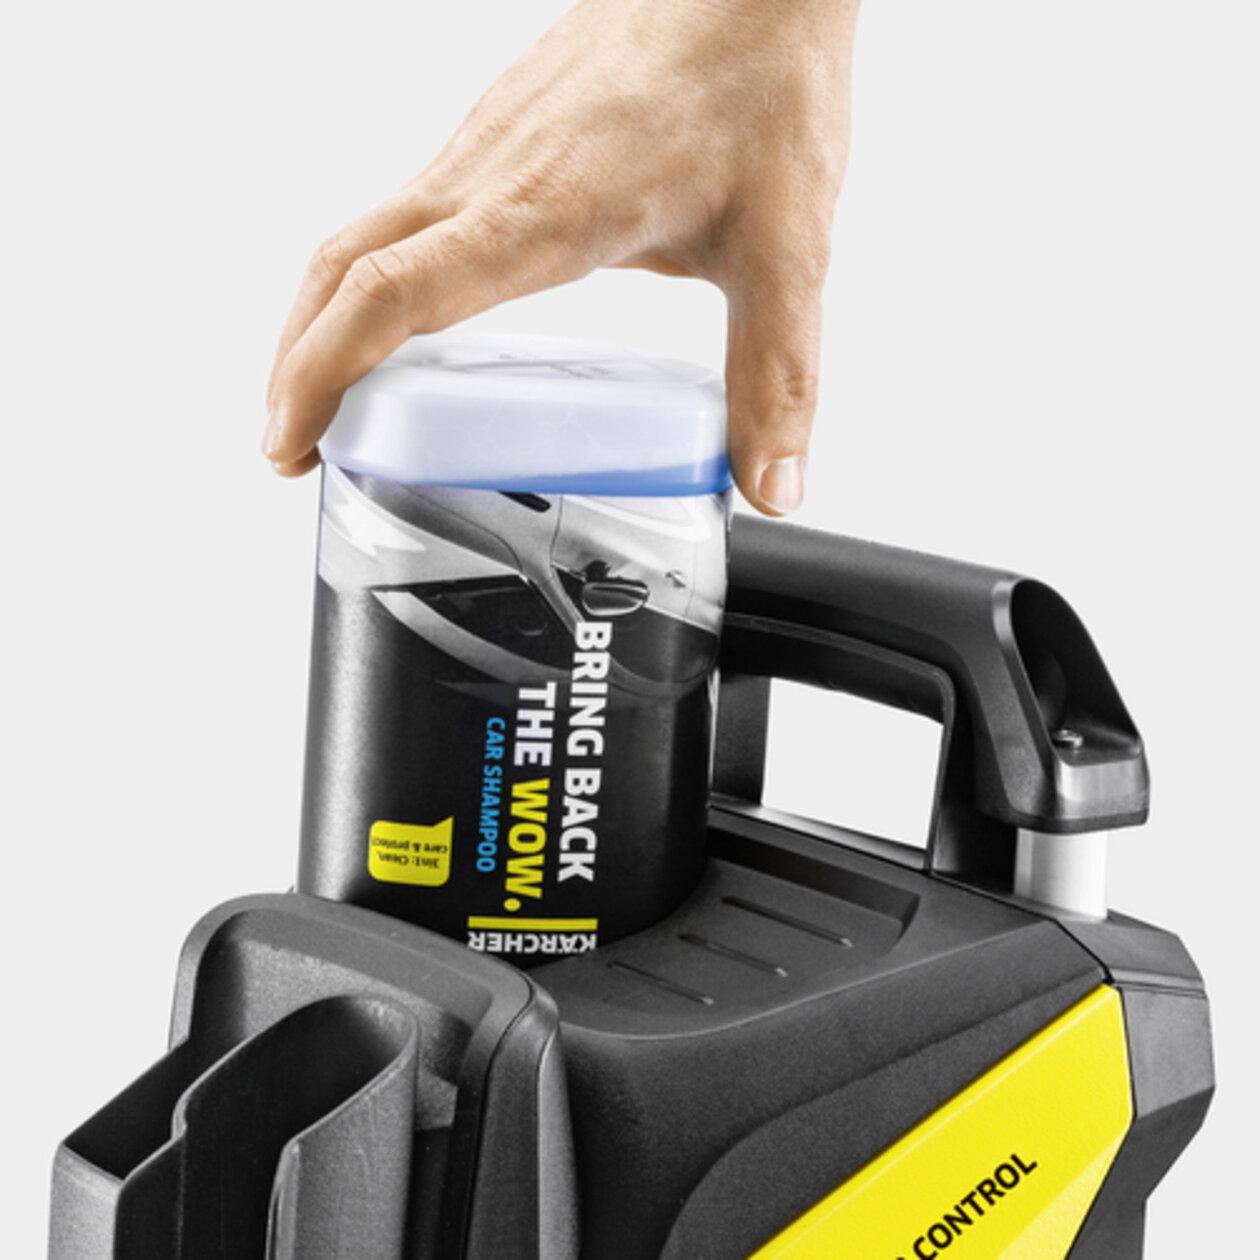 Vysokotlakový čistič K 5 Power Control Car & Home: Plug 'n' Clean - systém čistiacich prostriedkov Kärcher